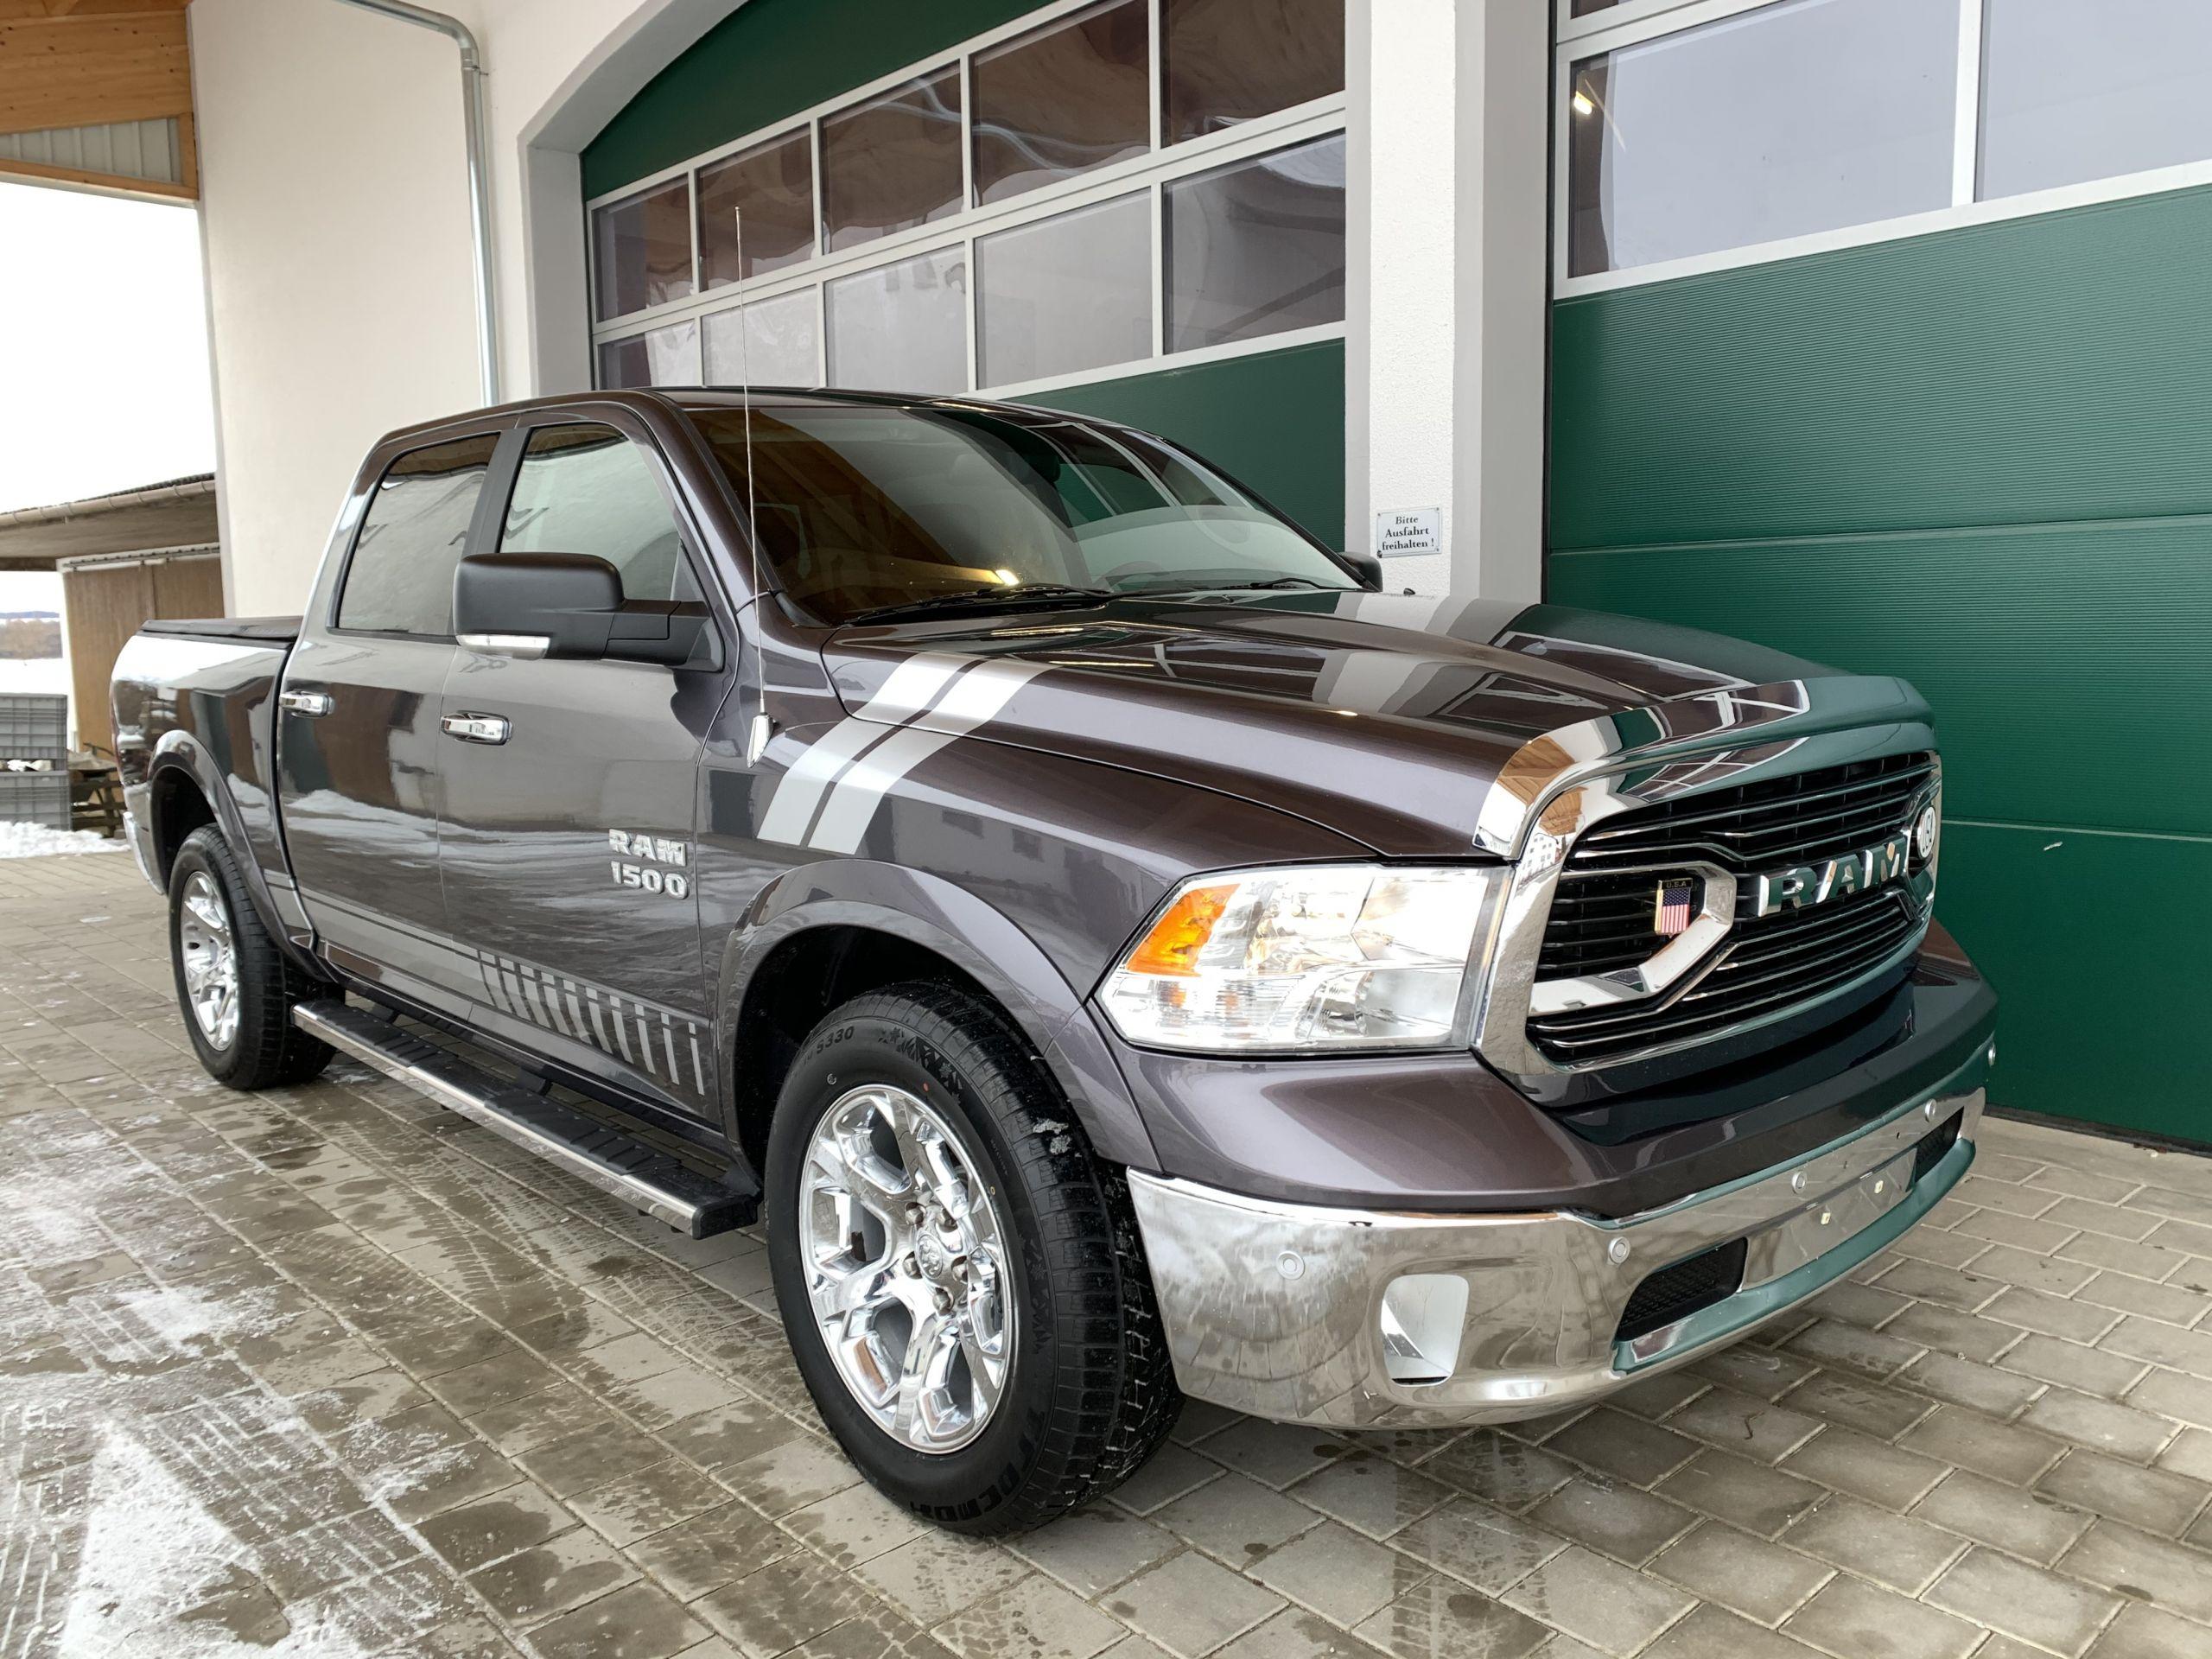 Dodge RAM 1500 zu verkaufen Österreich